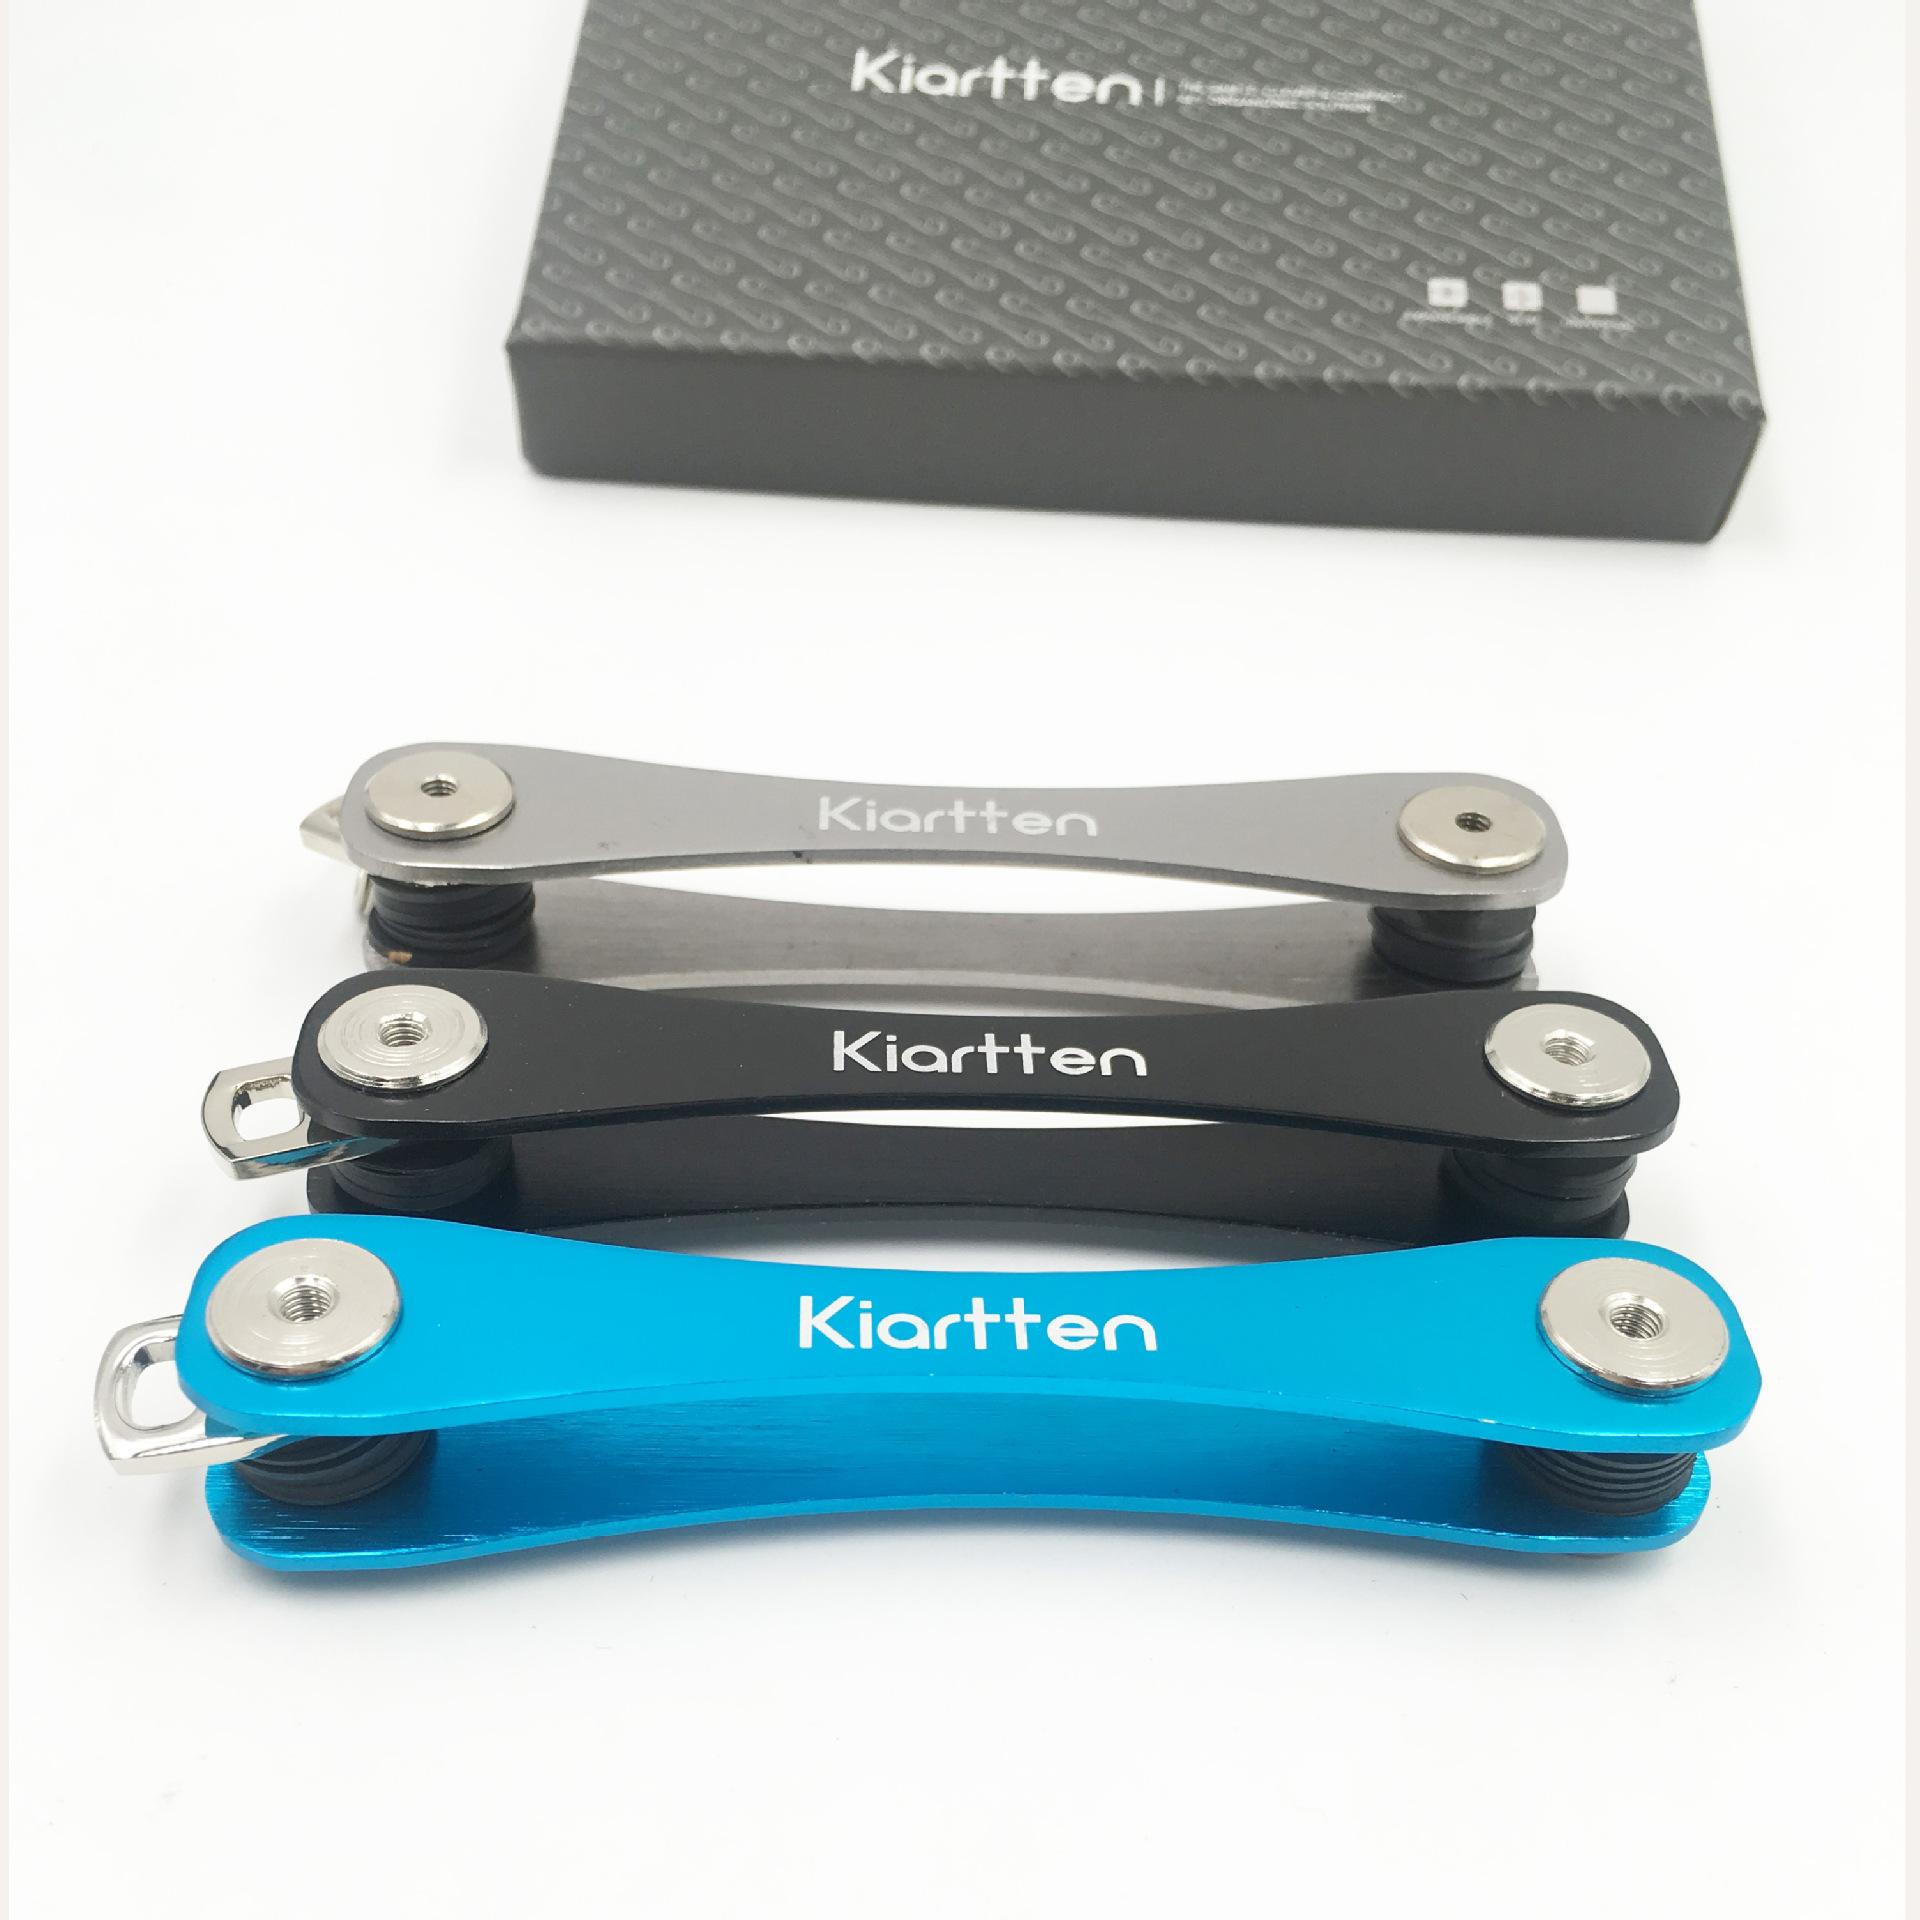 亚马逊新品推荐航空铝便捷式钥匙夹收纳器套装 现货keysmart礼品